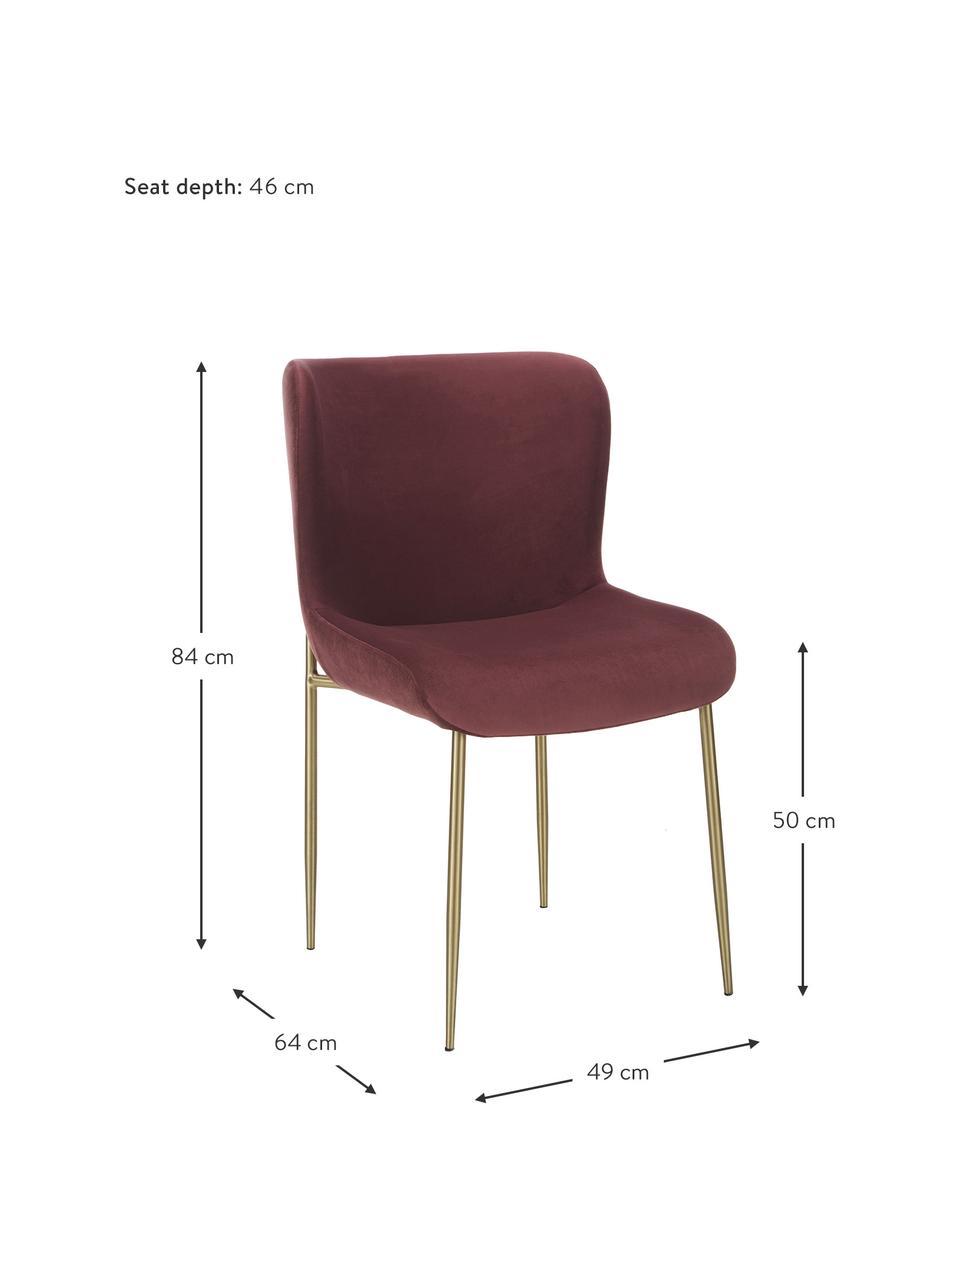 Chaise velours rembourrée Tess, Velours bordeaux, pieds or